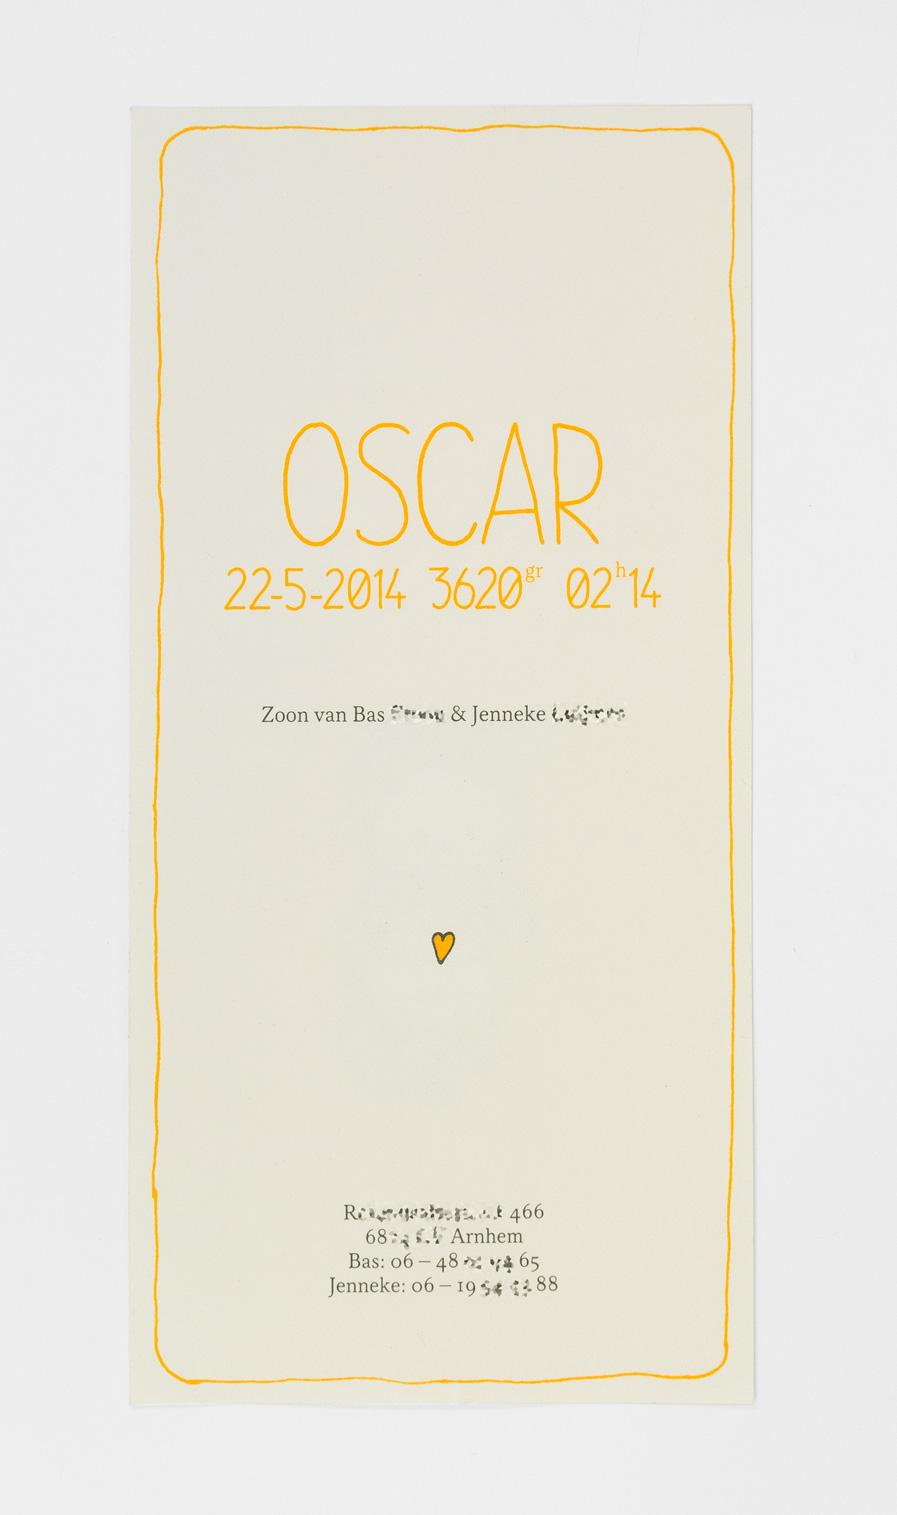 Geboortekaartje Oscar (achterzijde)